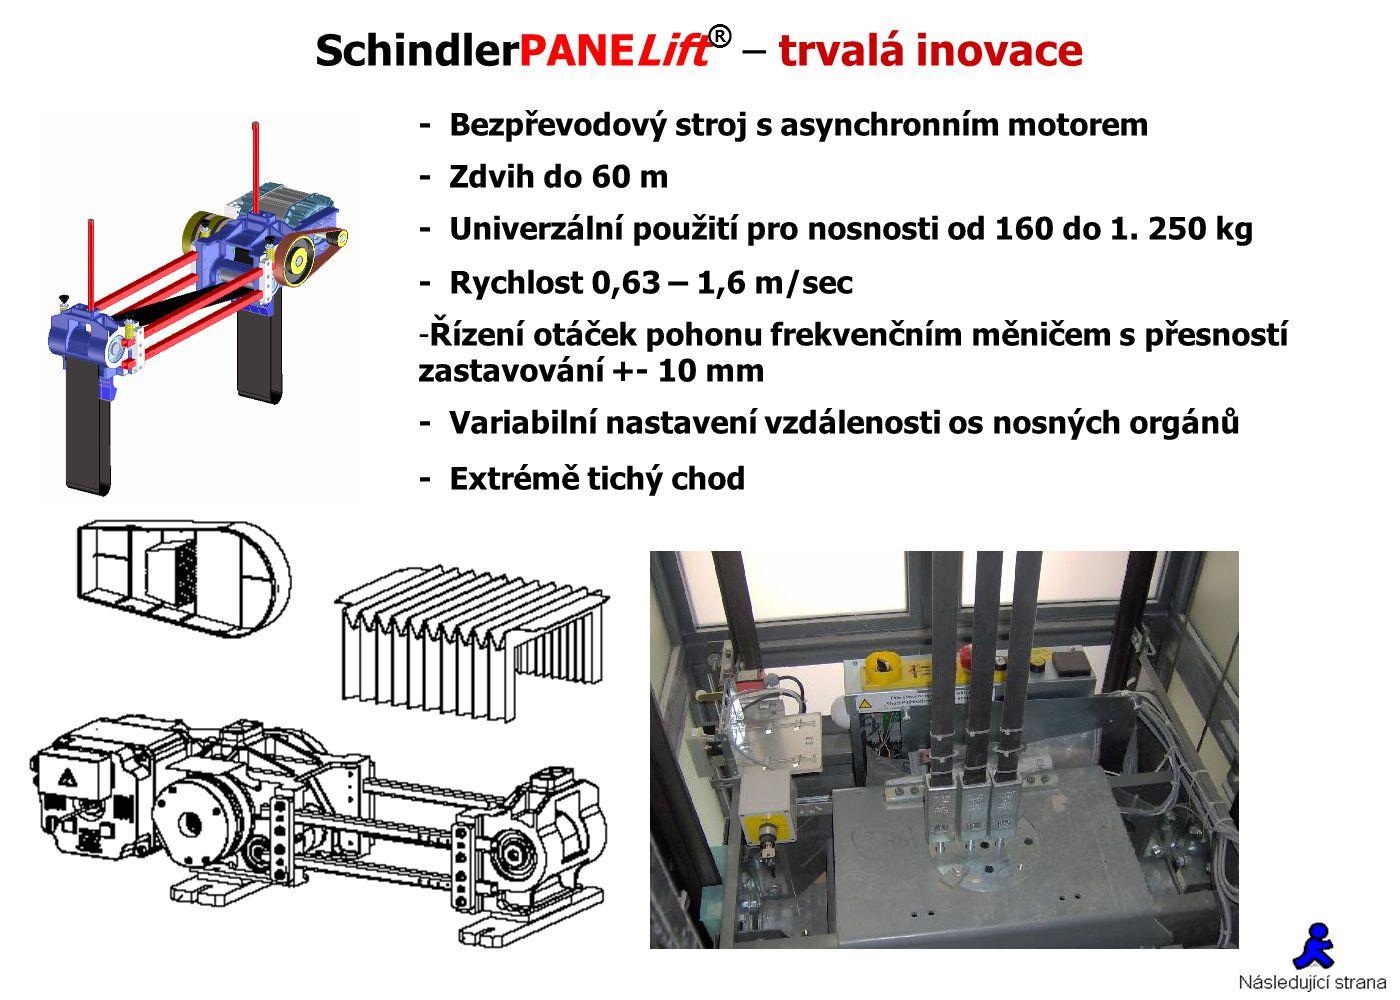 SchindlerPANELift® – trvalá inovace